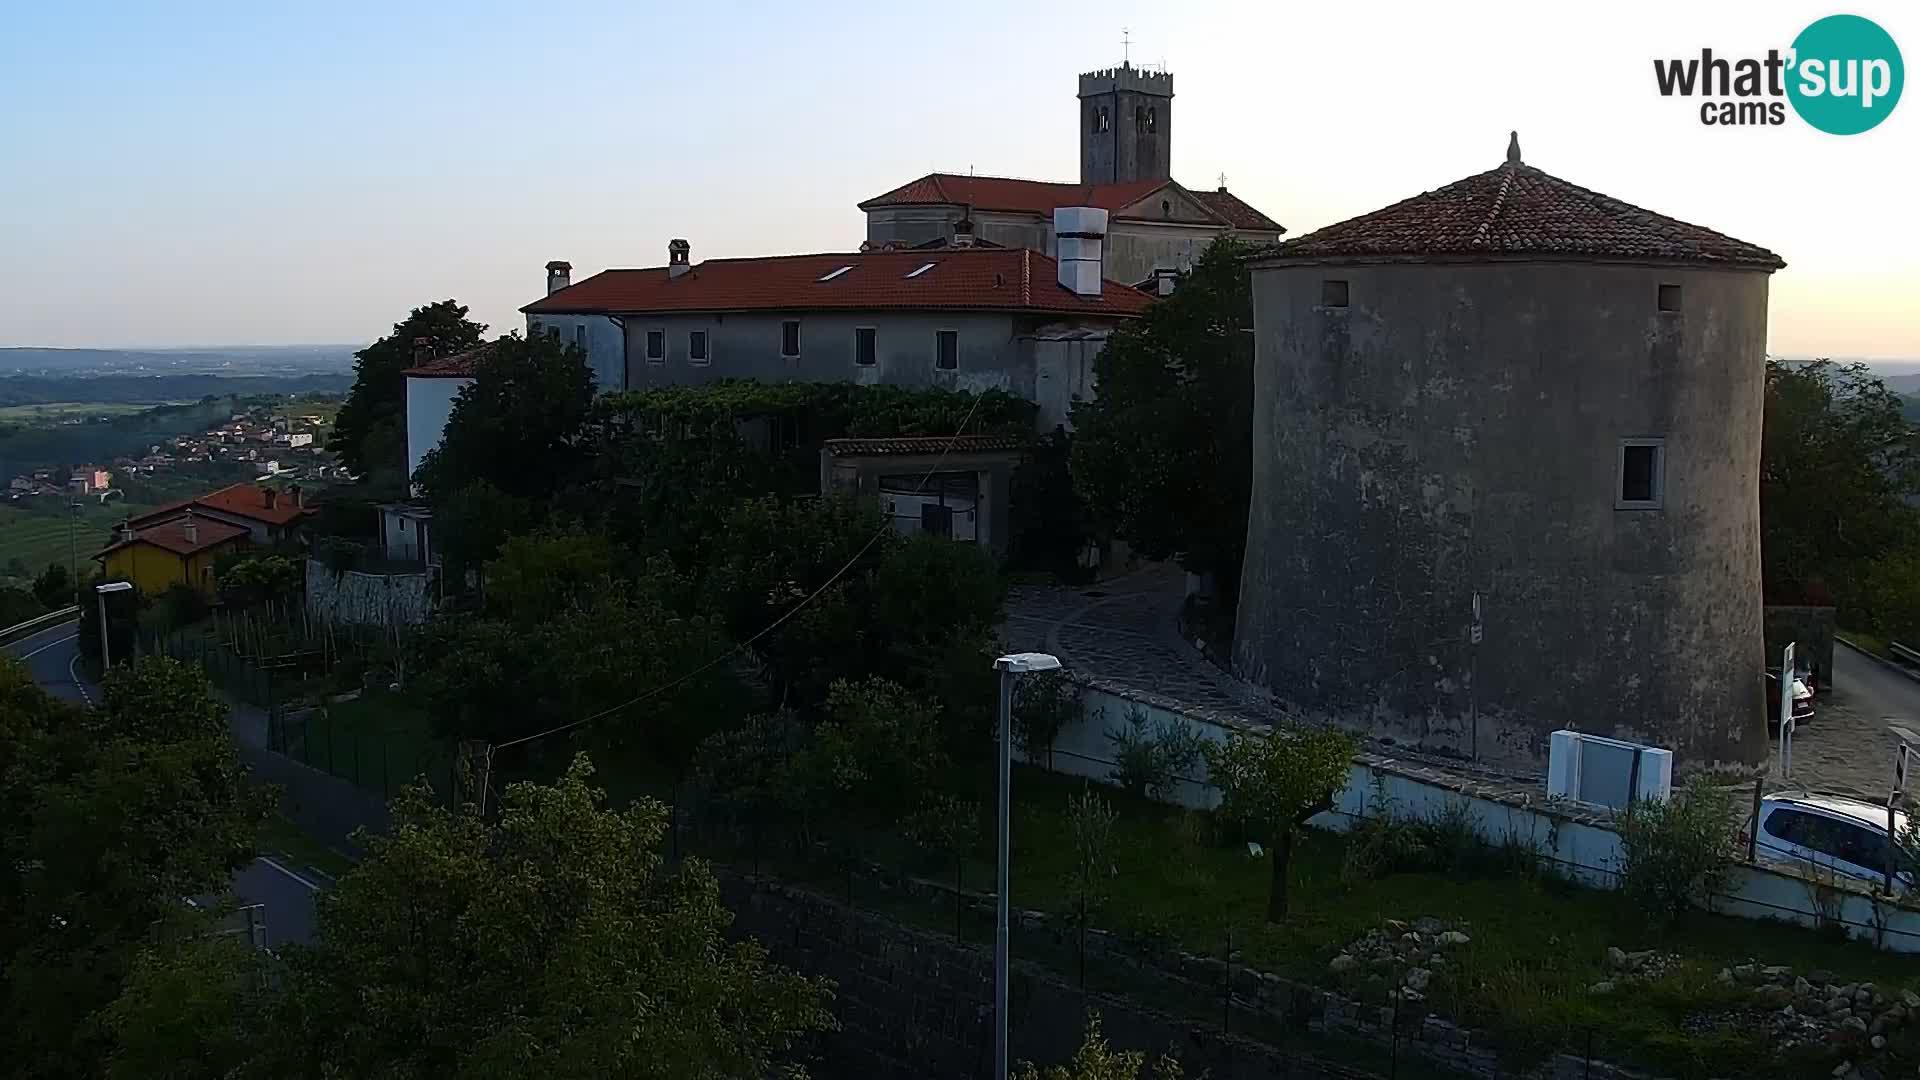 LEOBEN Šmartno webcam Brda – Hotel San Martin